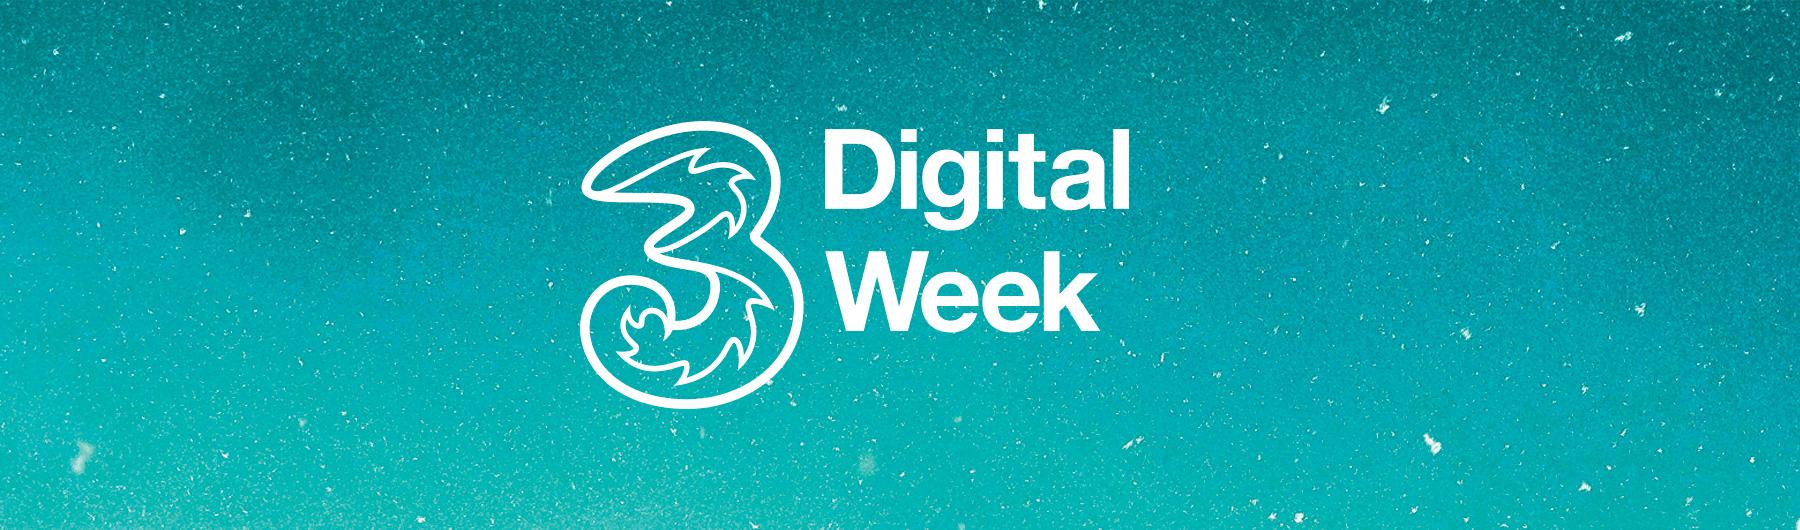 Digital Week 2017